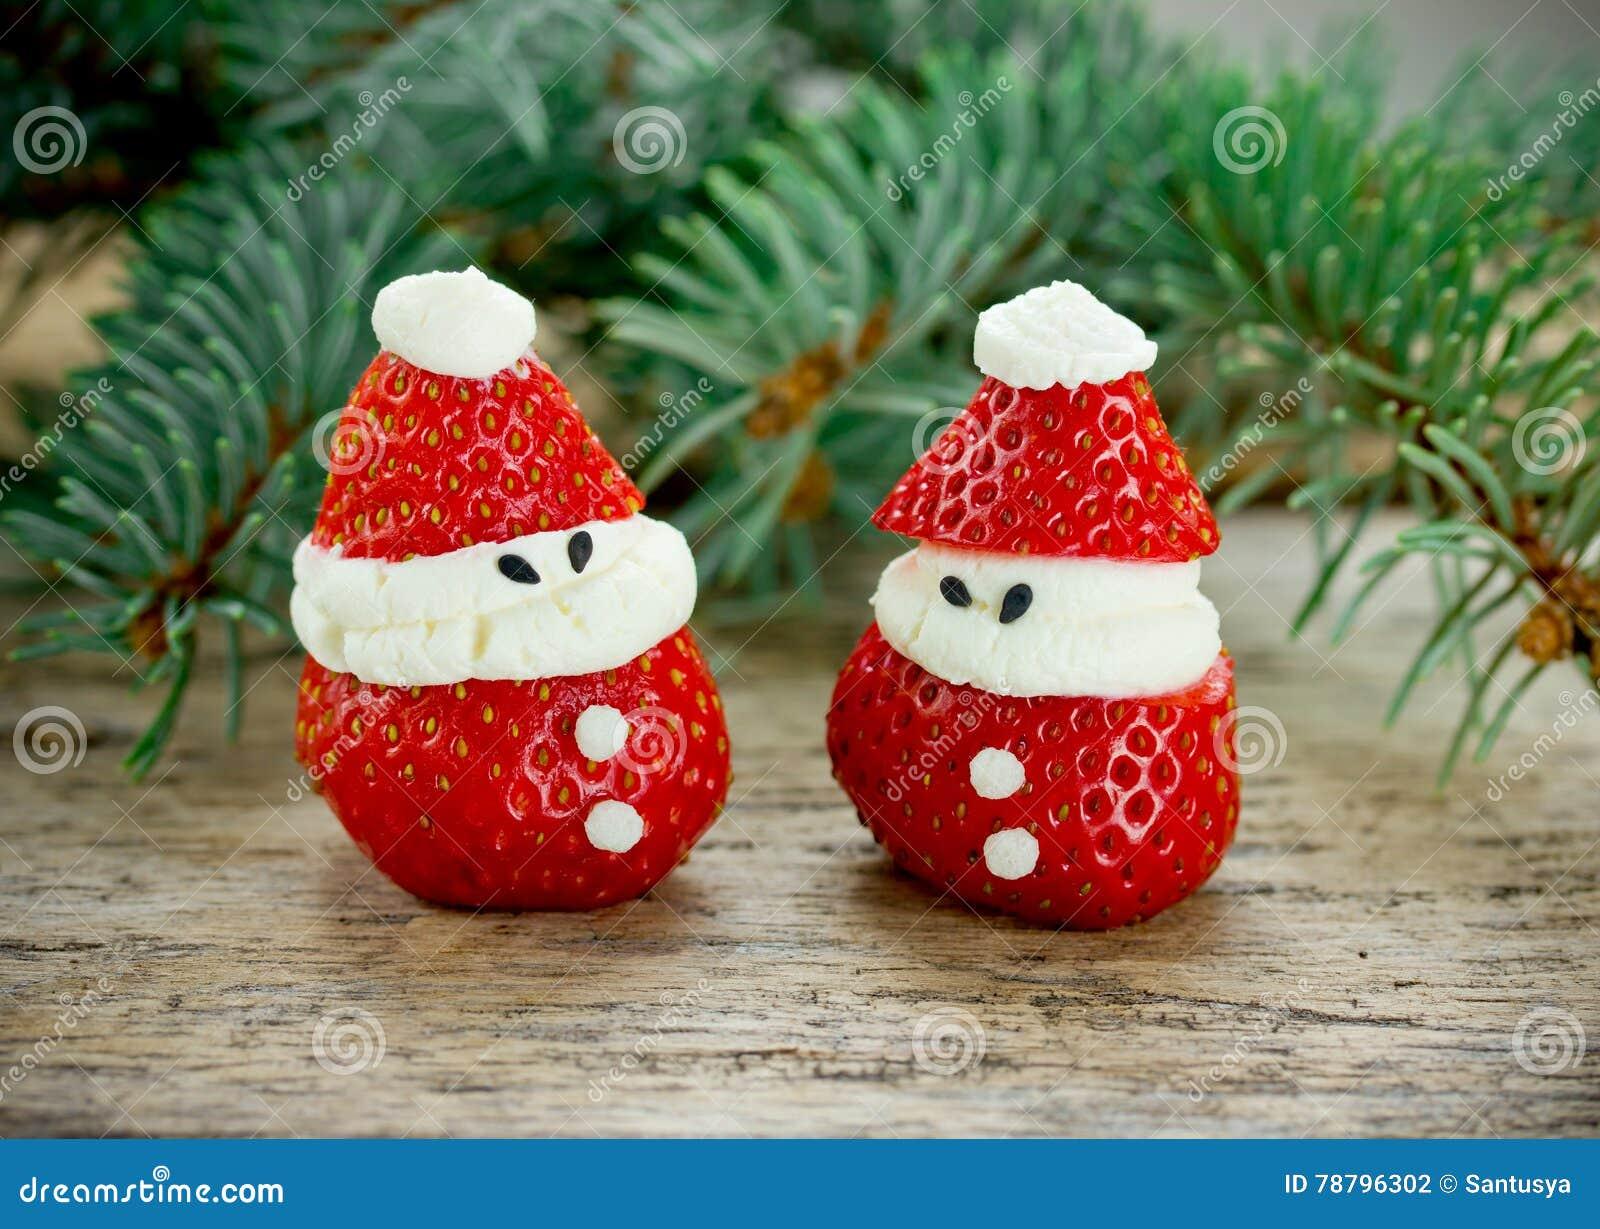 Idee Creative Per Natale idee creative per i regali commestibili per i bambini